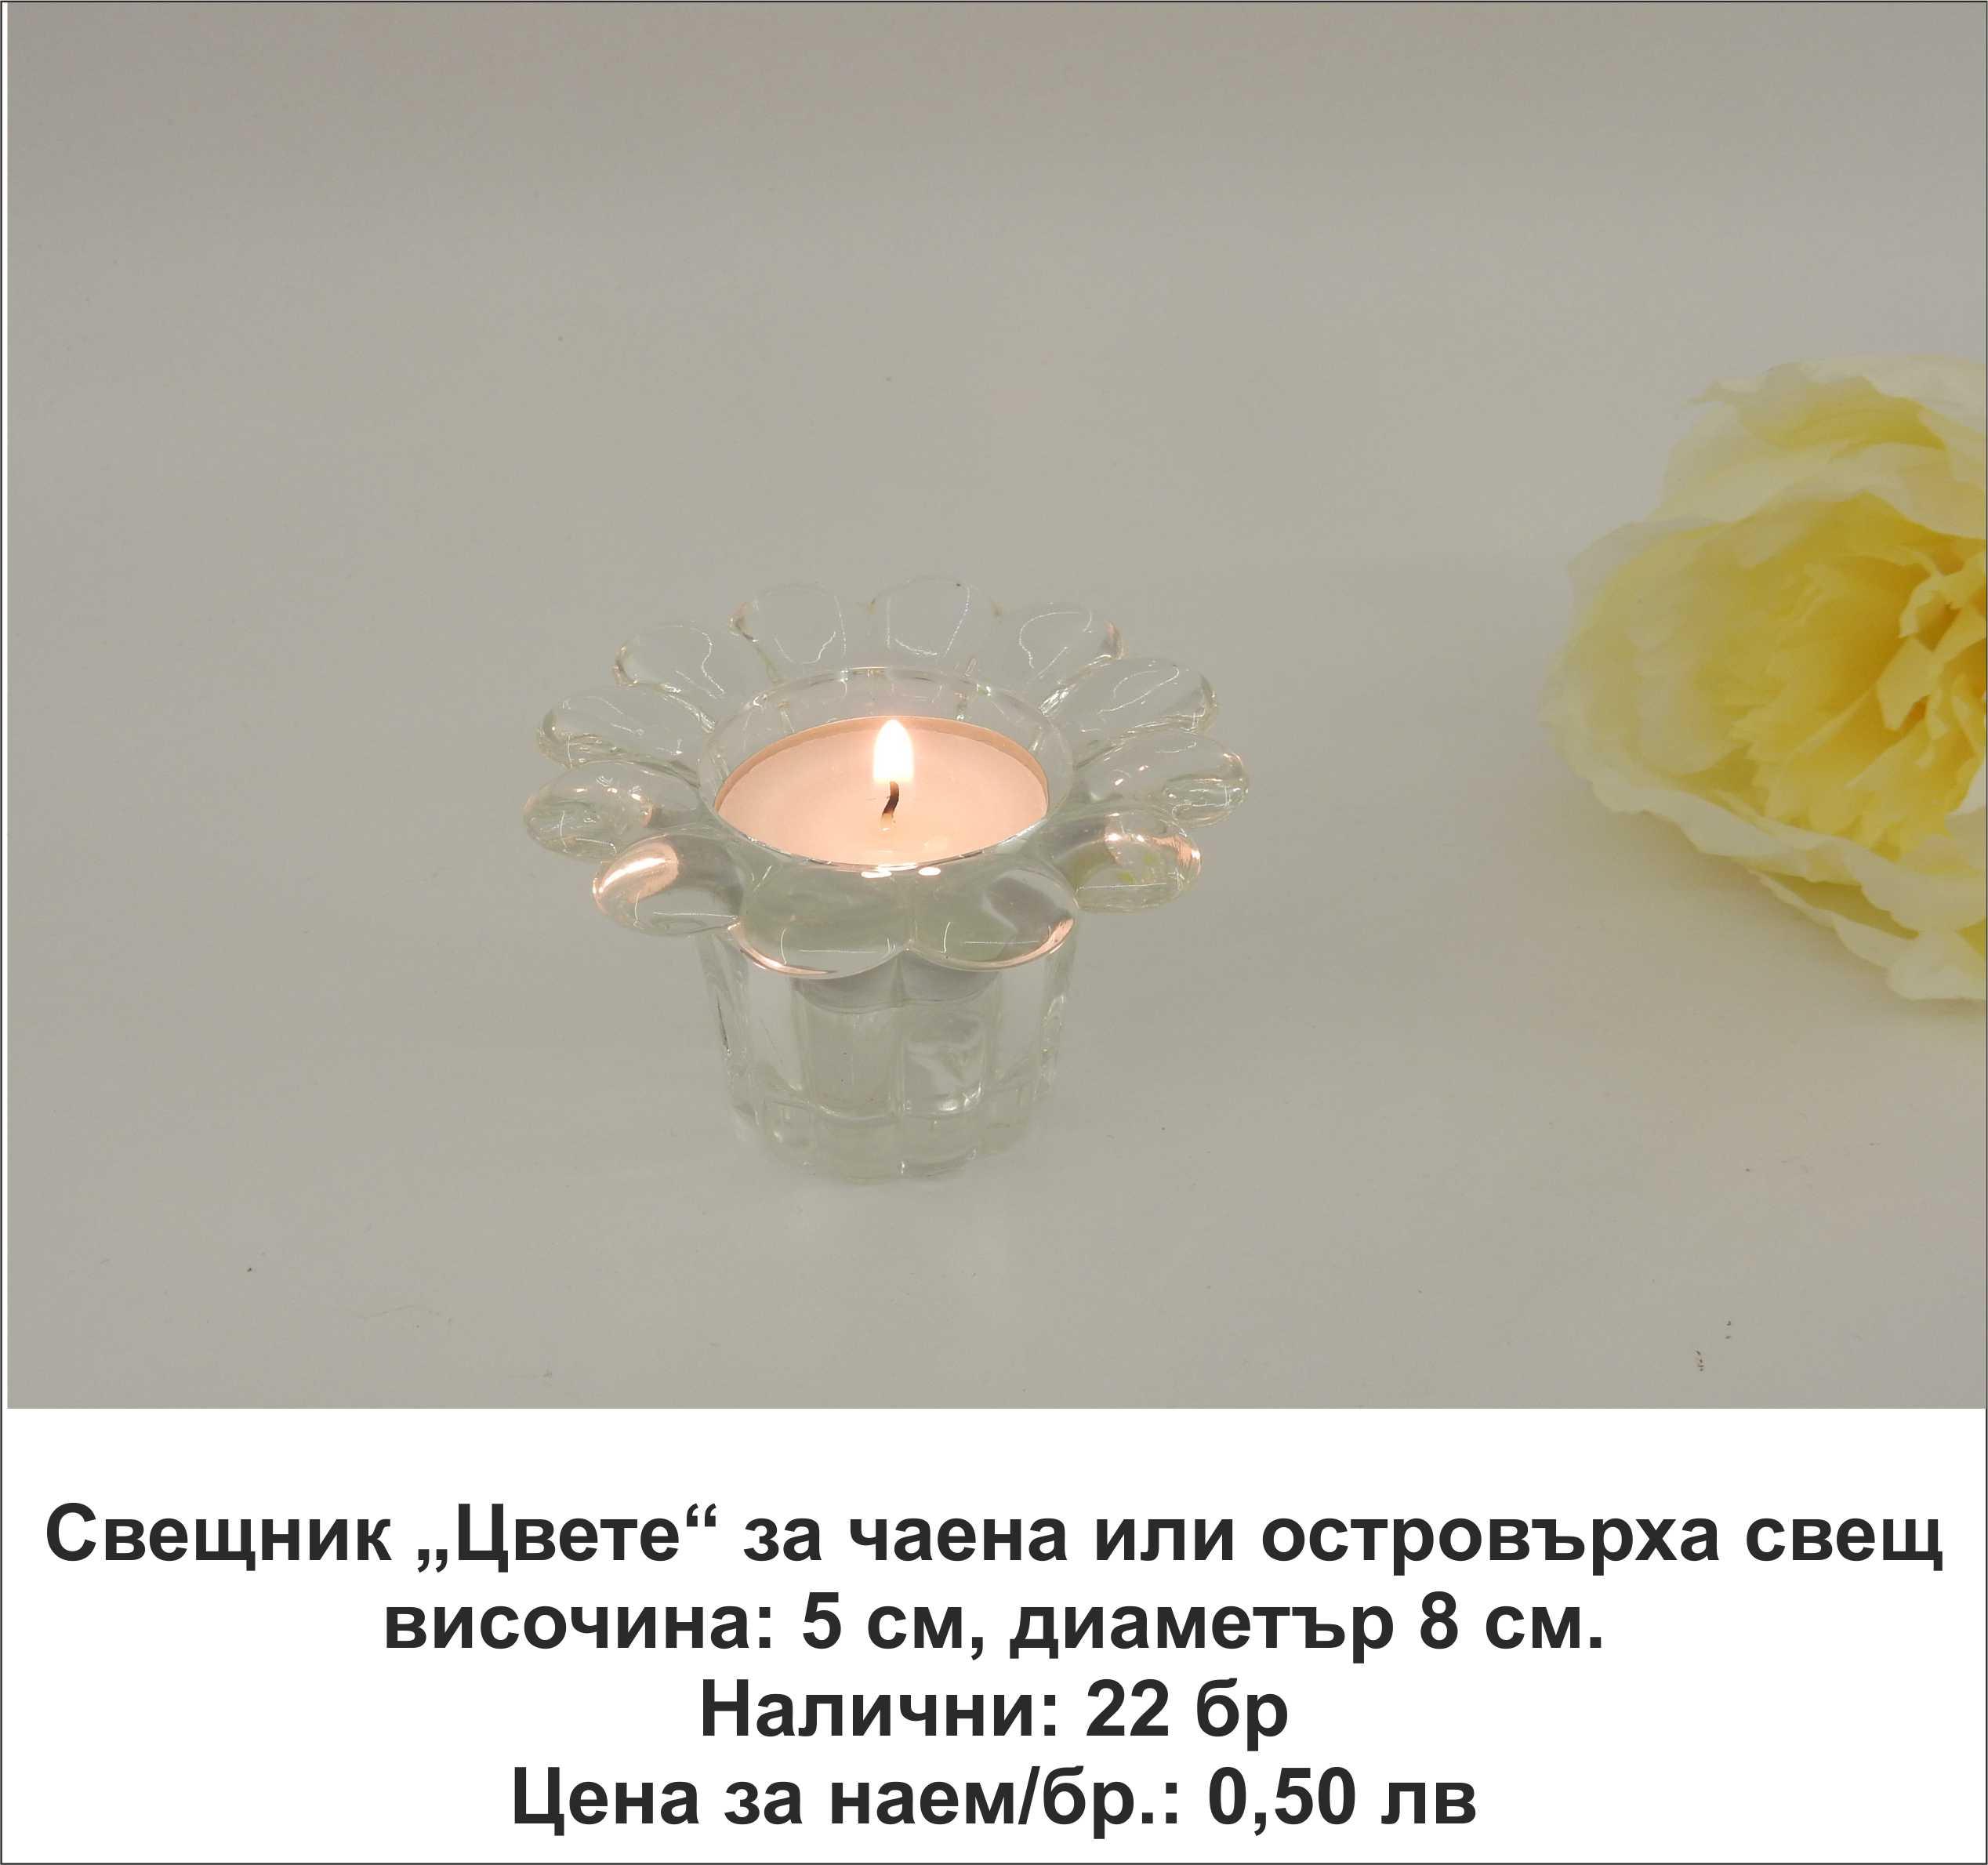 Свещник Цвете. За чаена или островърха свещ. Височина: 5 см. Цена за наем: 0,50 лв.